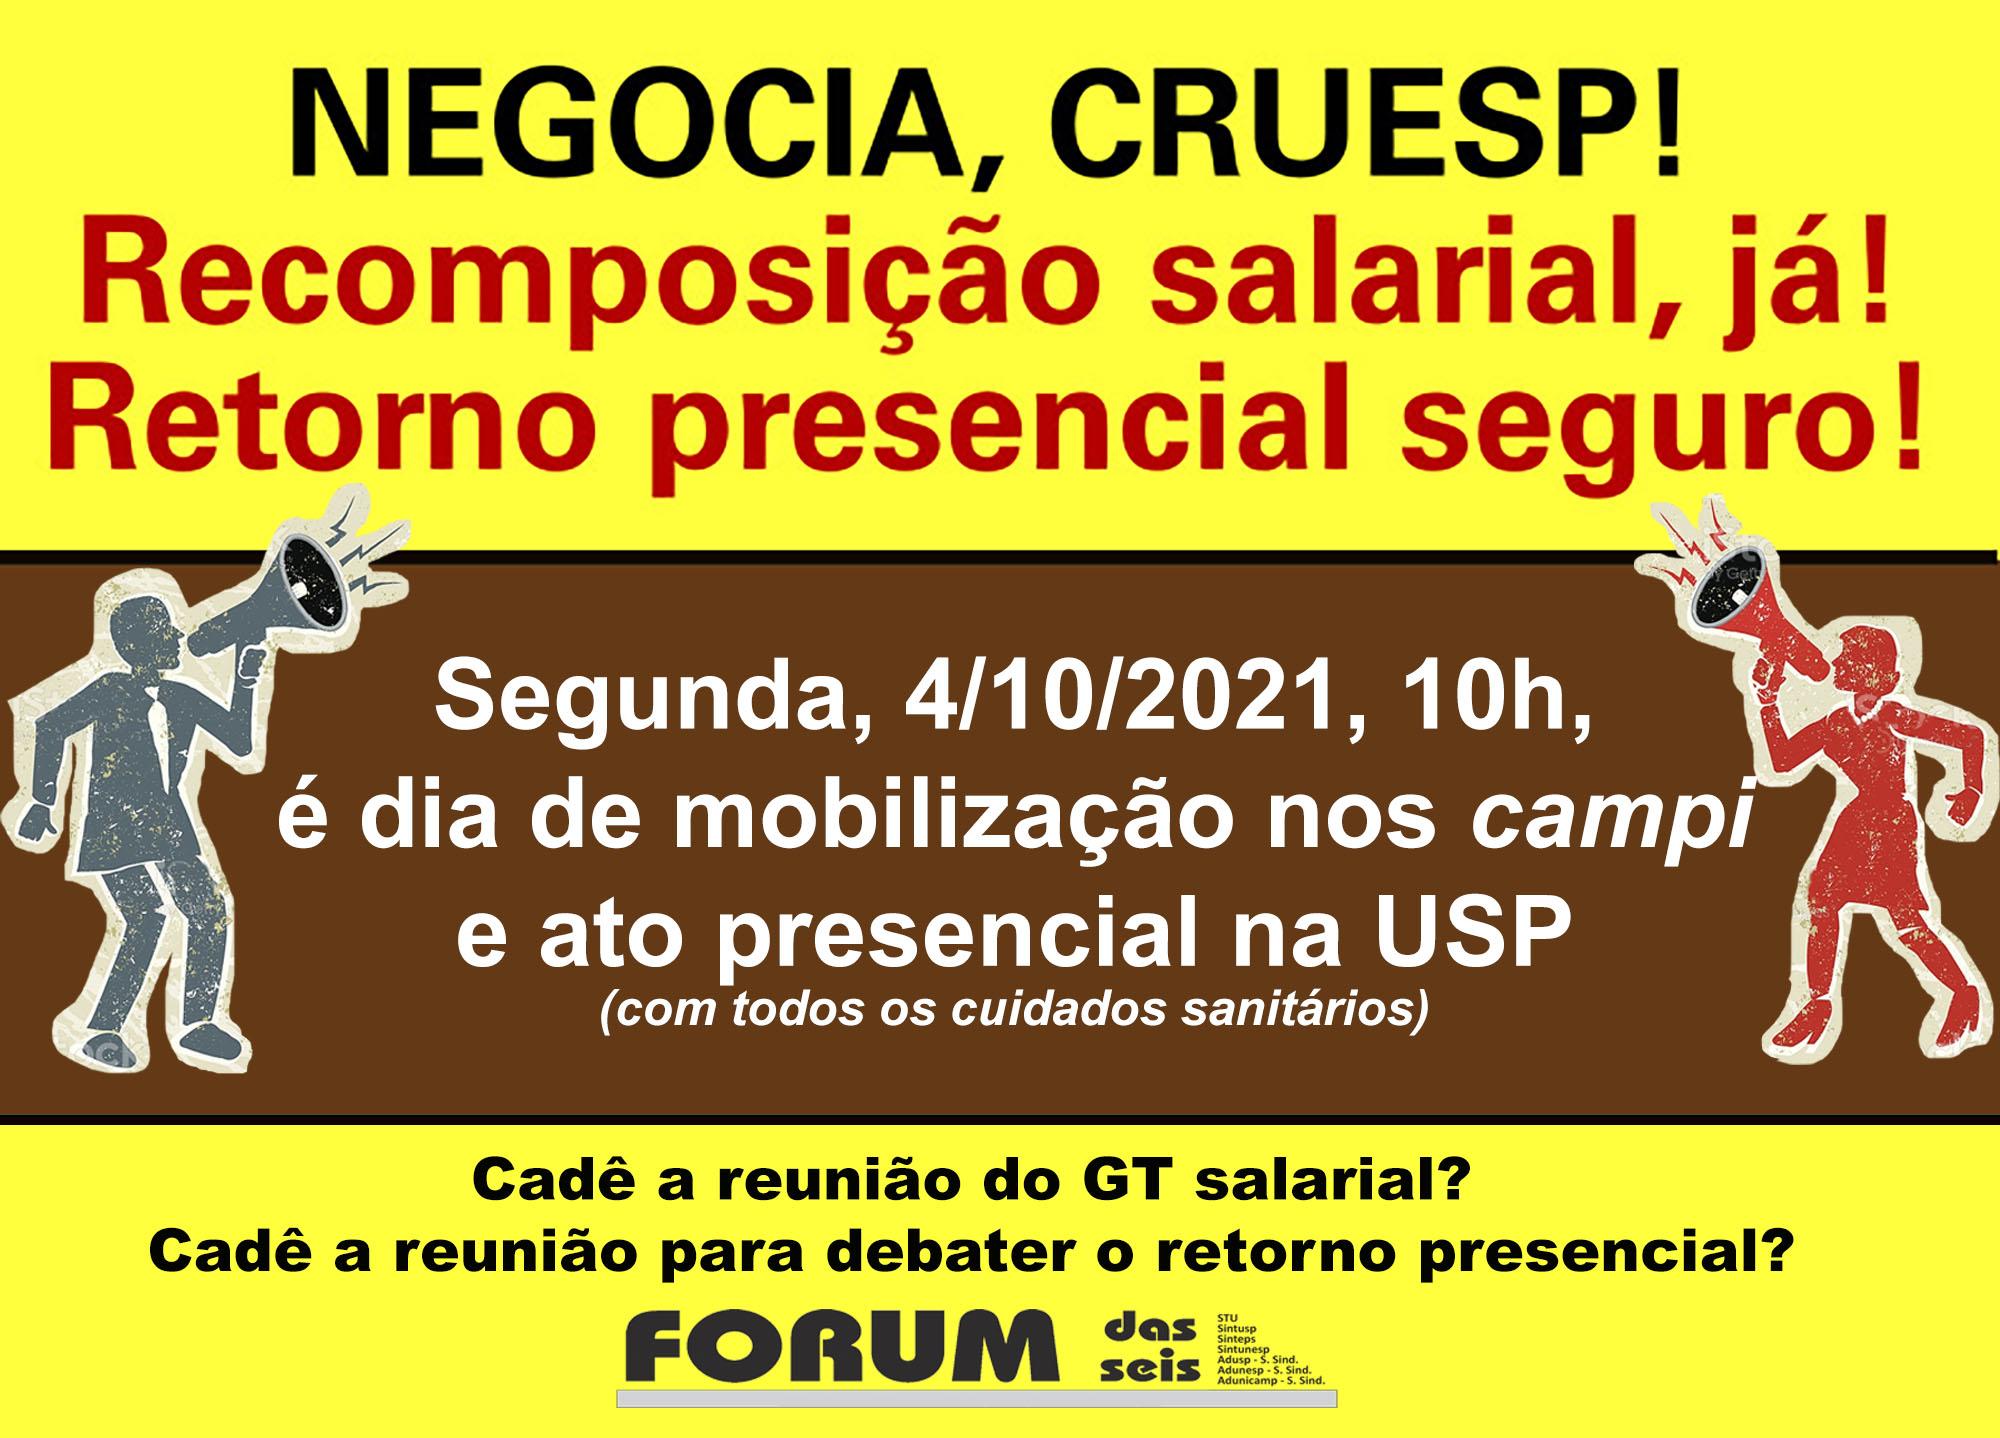 Banner Data base2021 Ato em 4 10 2021 — 4/10 é dia de mobilização nos campi e manifestação na USP — ADunicamp